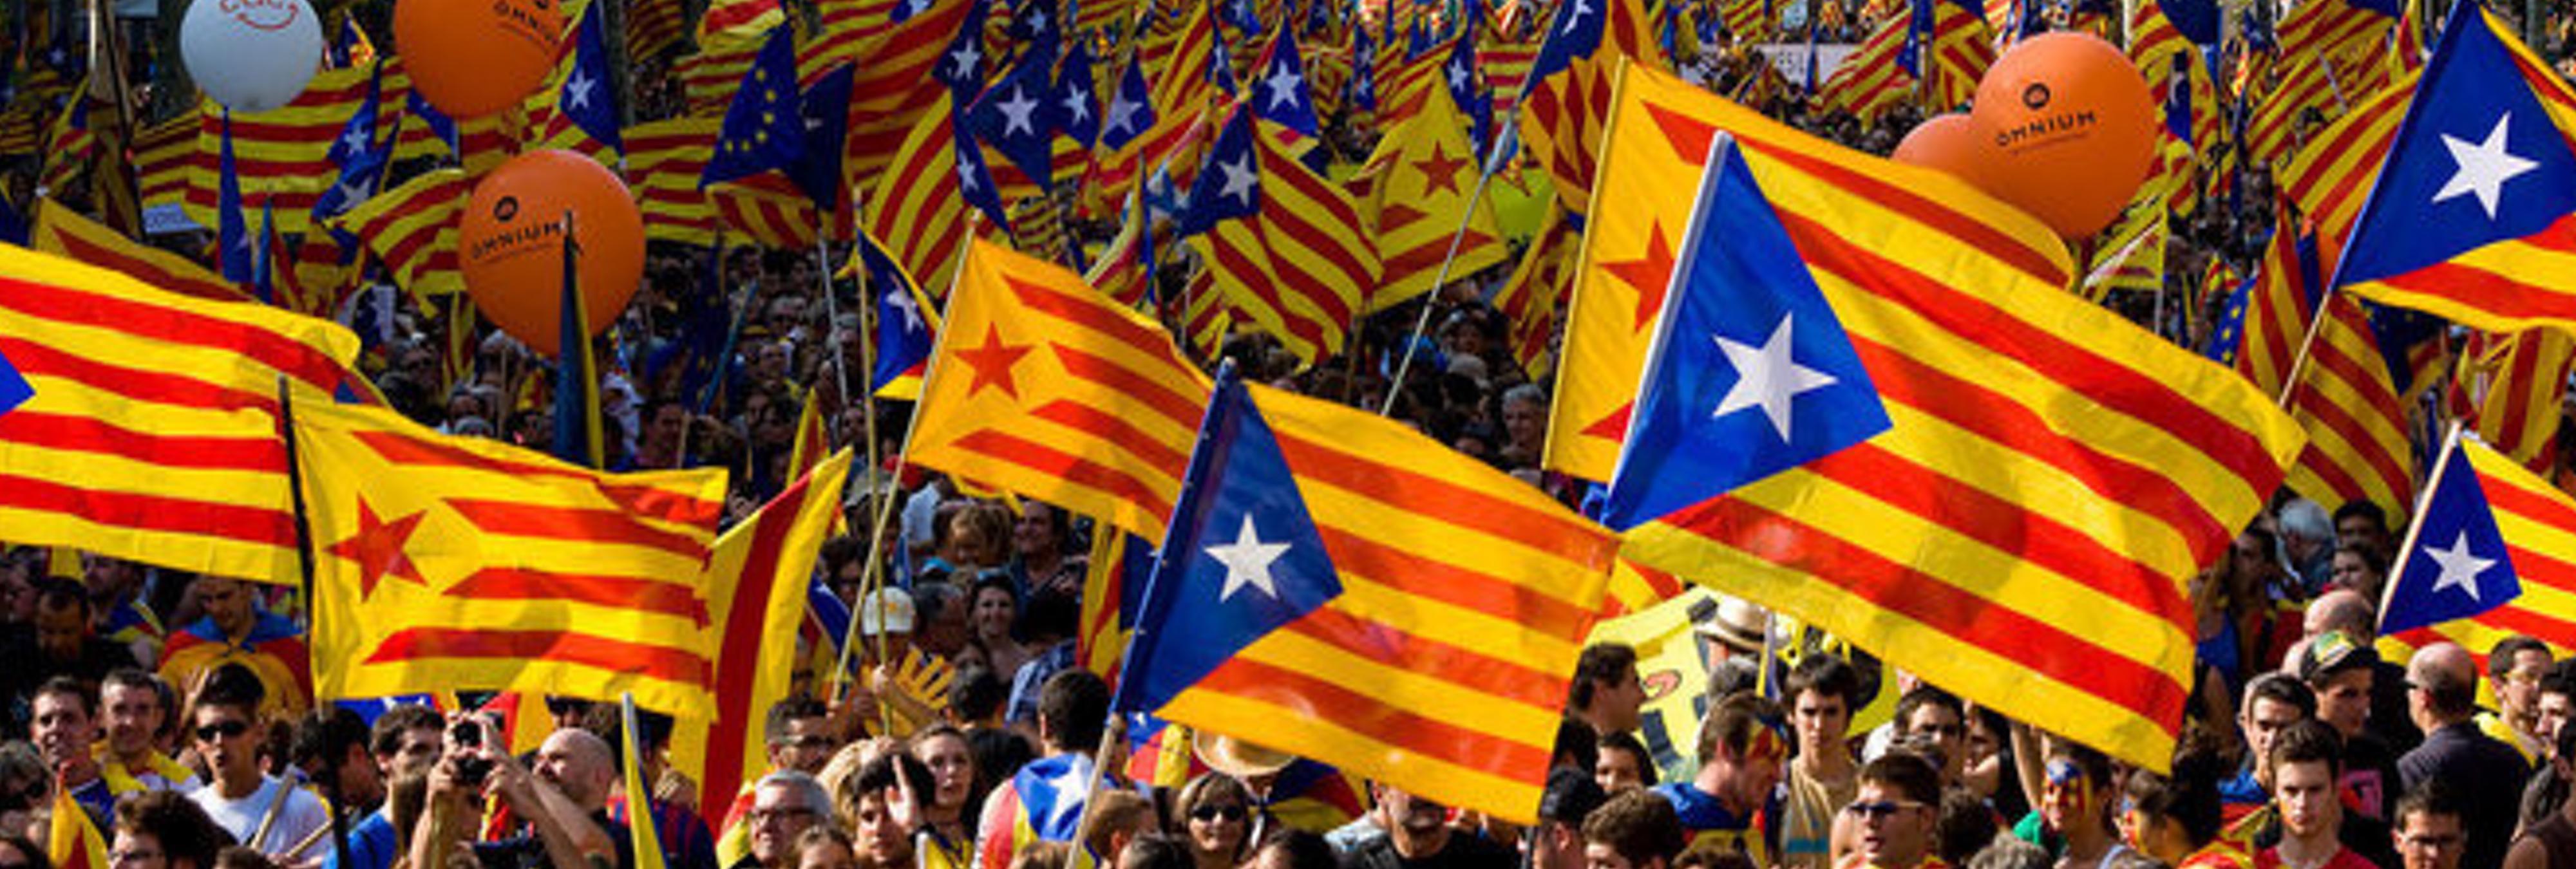 OPINIÓN | ¿Por qué España no ofrece ninguna alternativa a Cataluña?